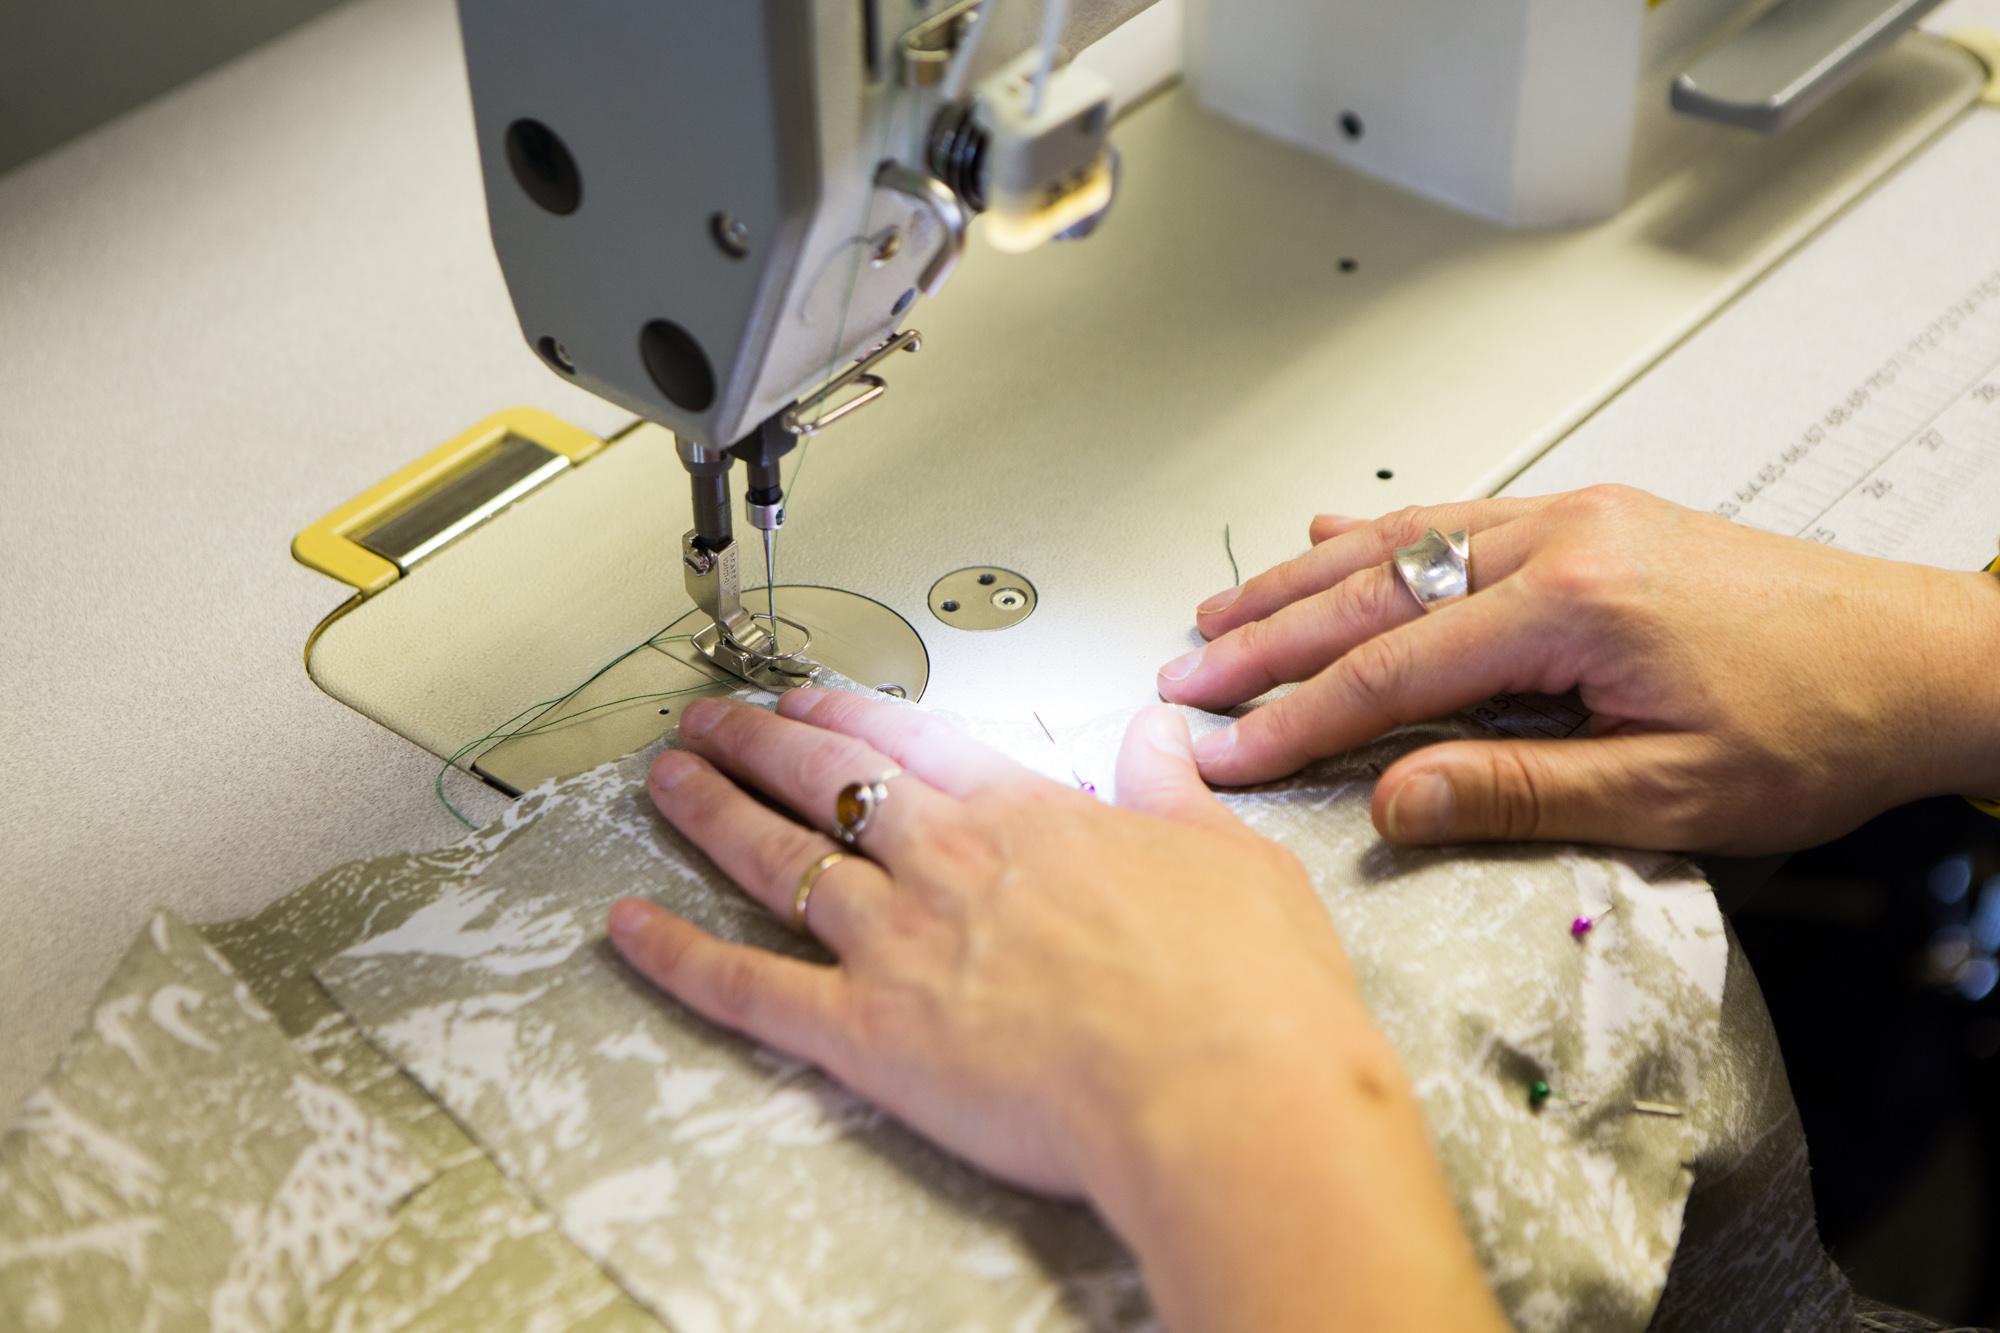 Mastering Sewing Skills and Garment Making